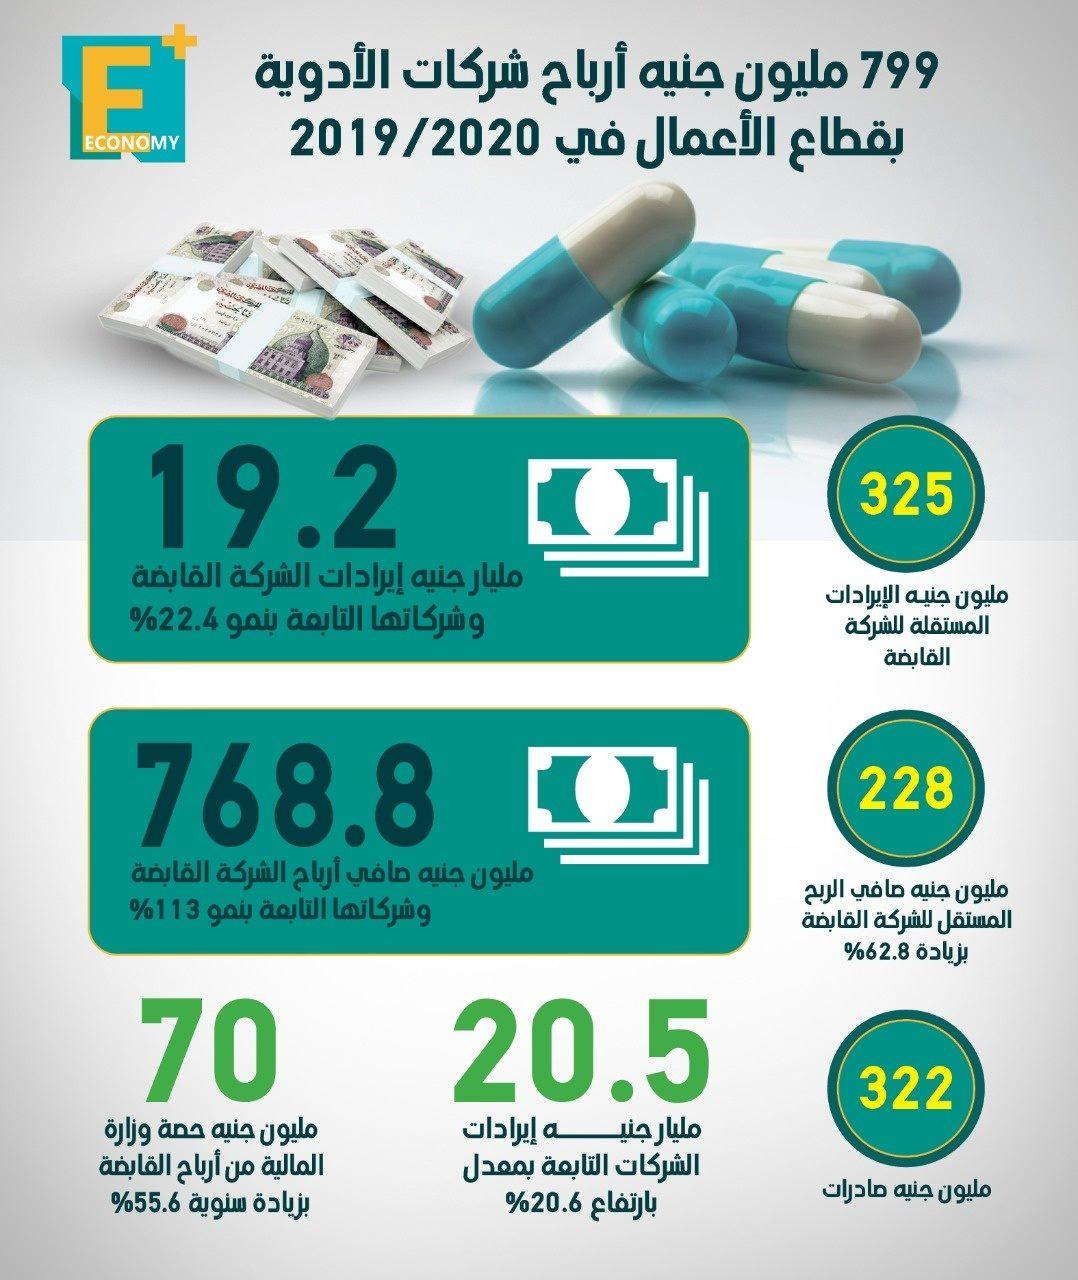 799 مليون جنيه أرباح شركات الأدوية بقطاع الأعمال في 2020/2019